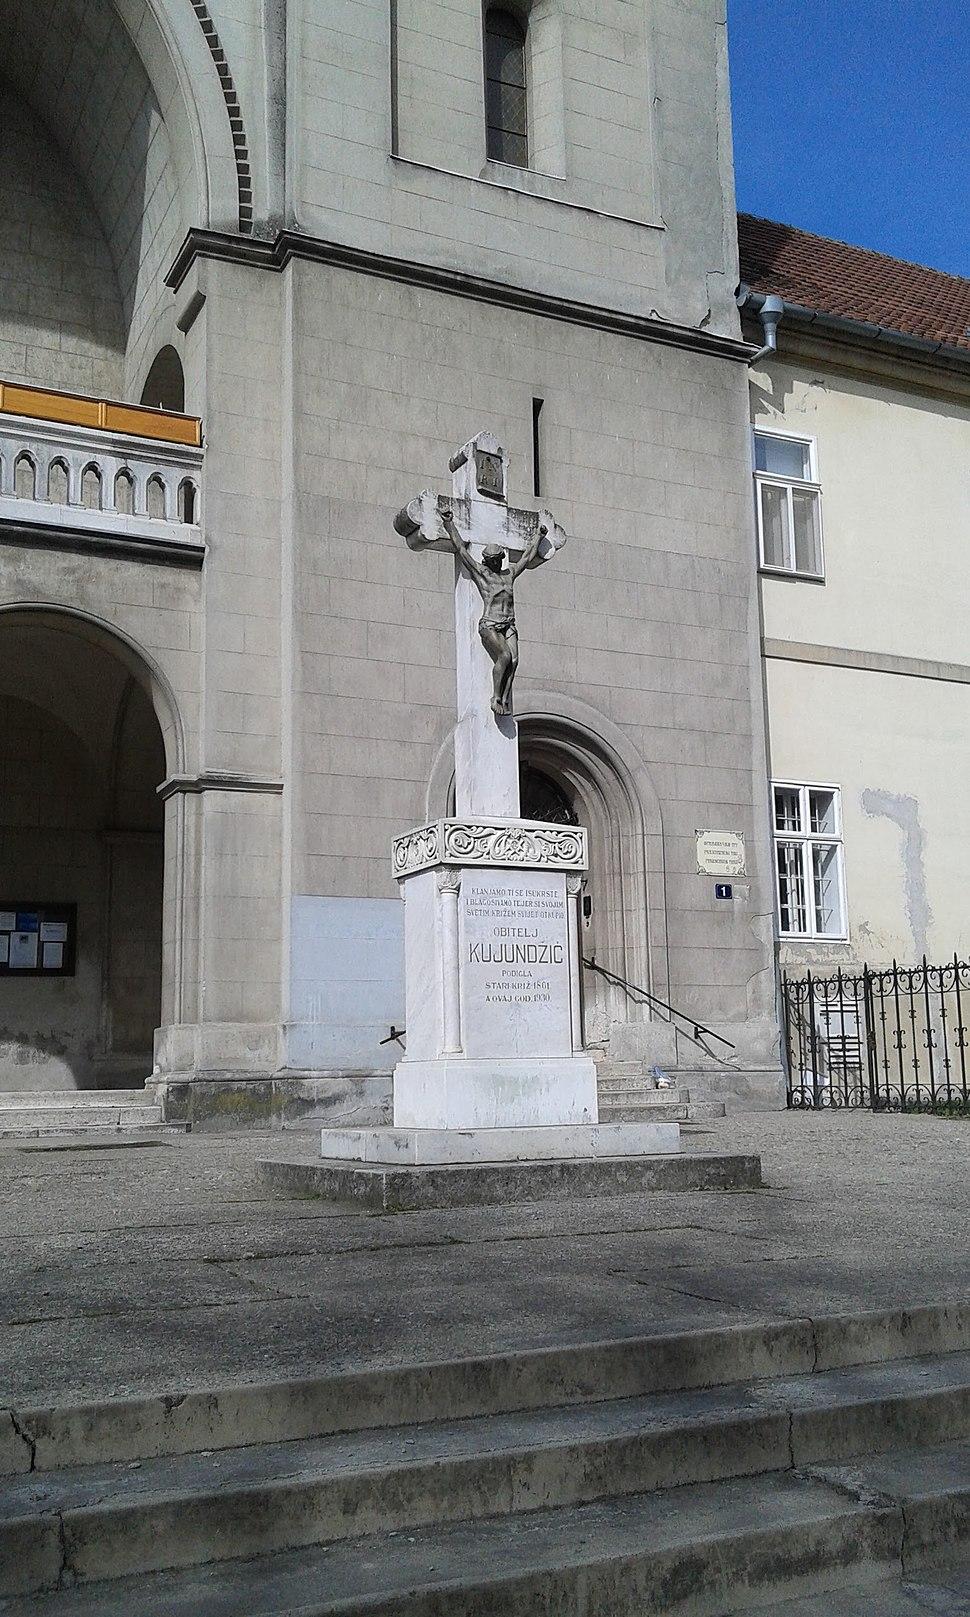 Spomenik-franjevacki-samostan